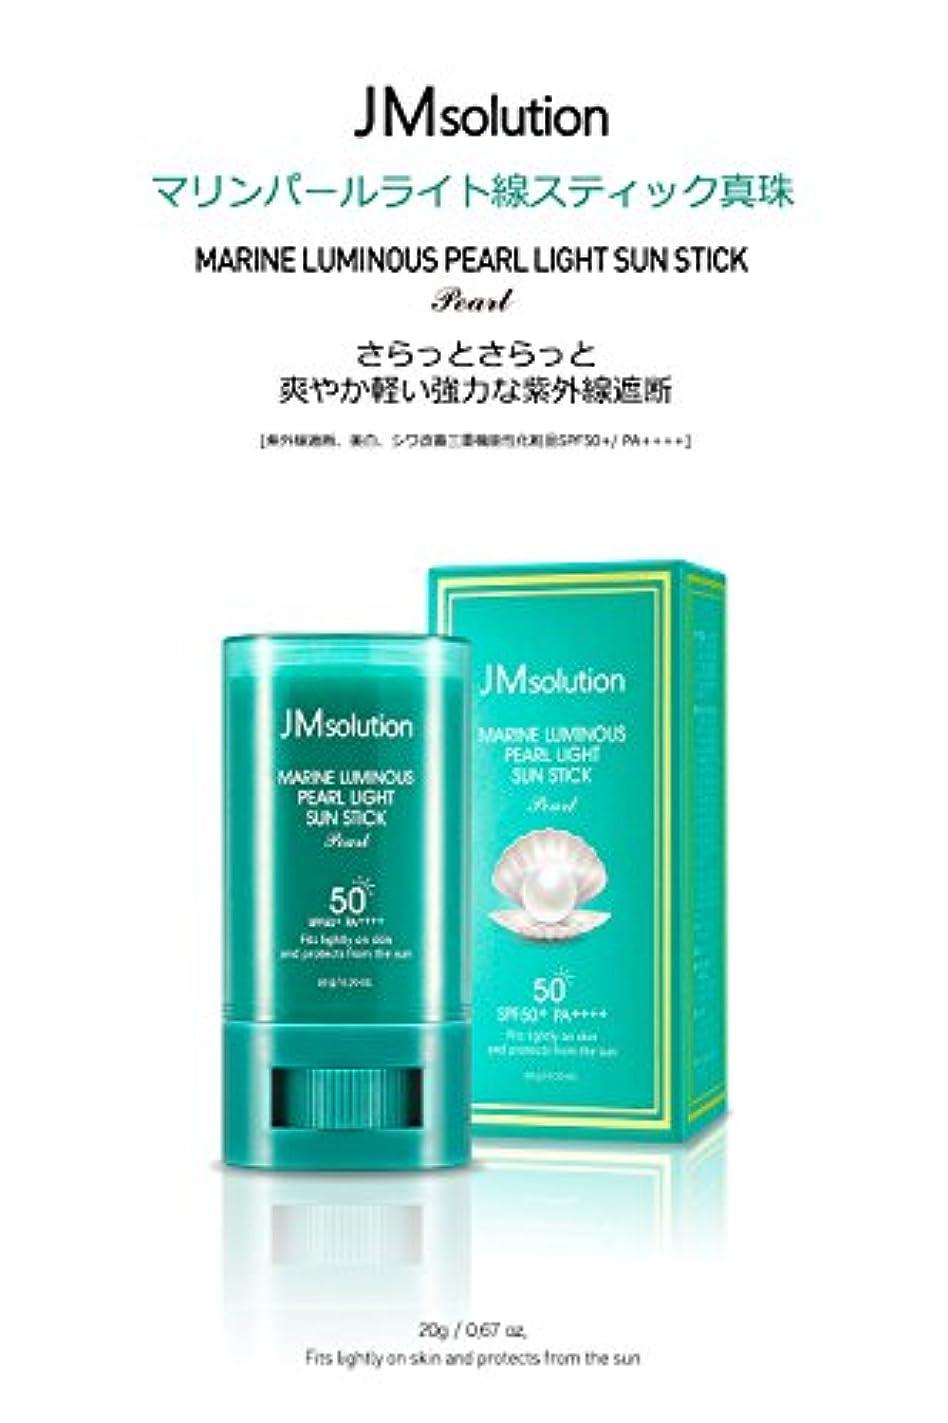 聴覚地球準備ができてJM Solution Marine Luminous Pearl Light Sun Stick 20g (spf50 PA)/マリンルミナスパールライトサンスティック20g